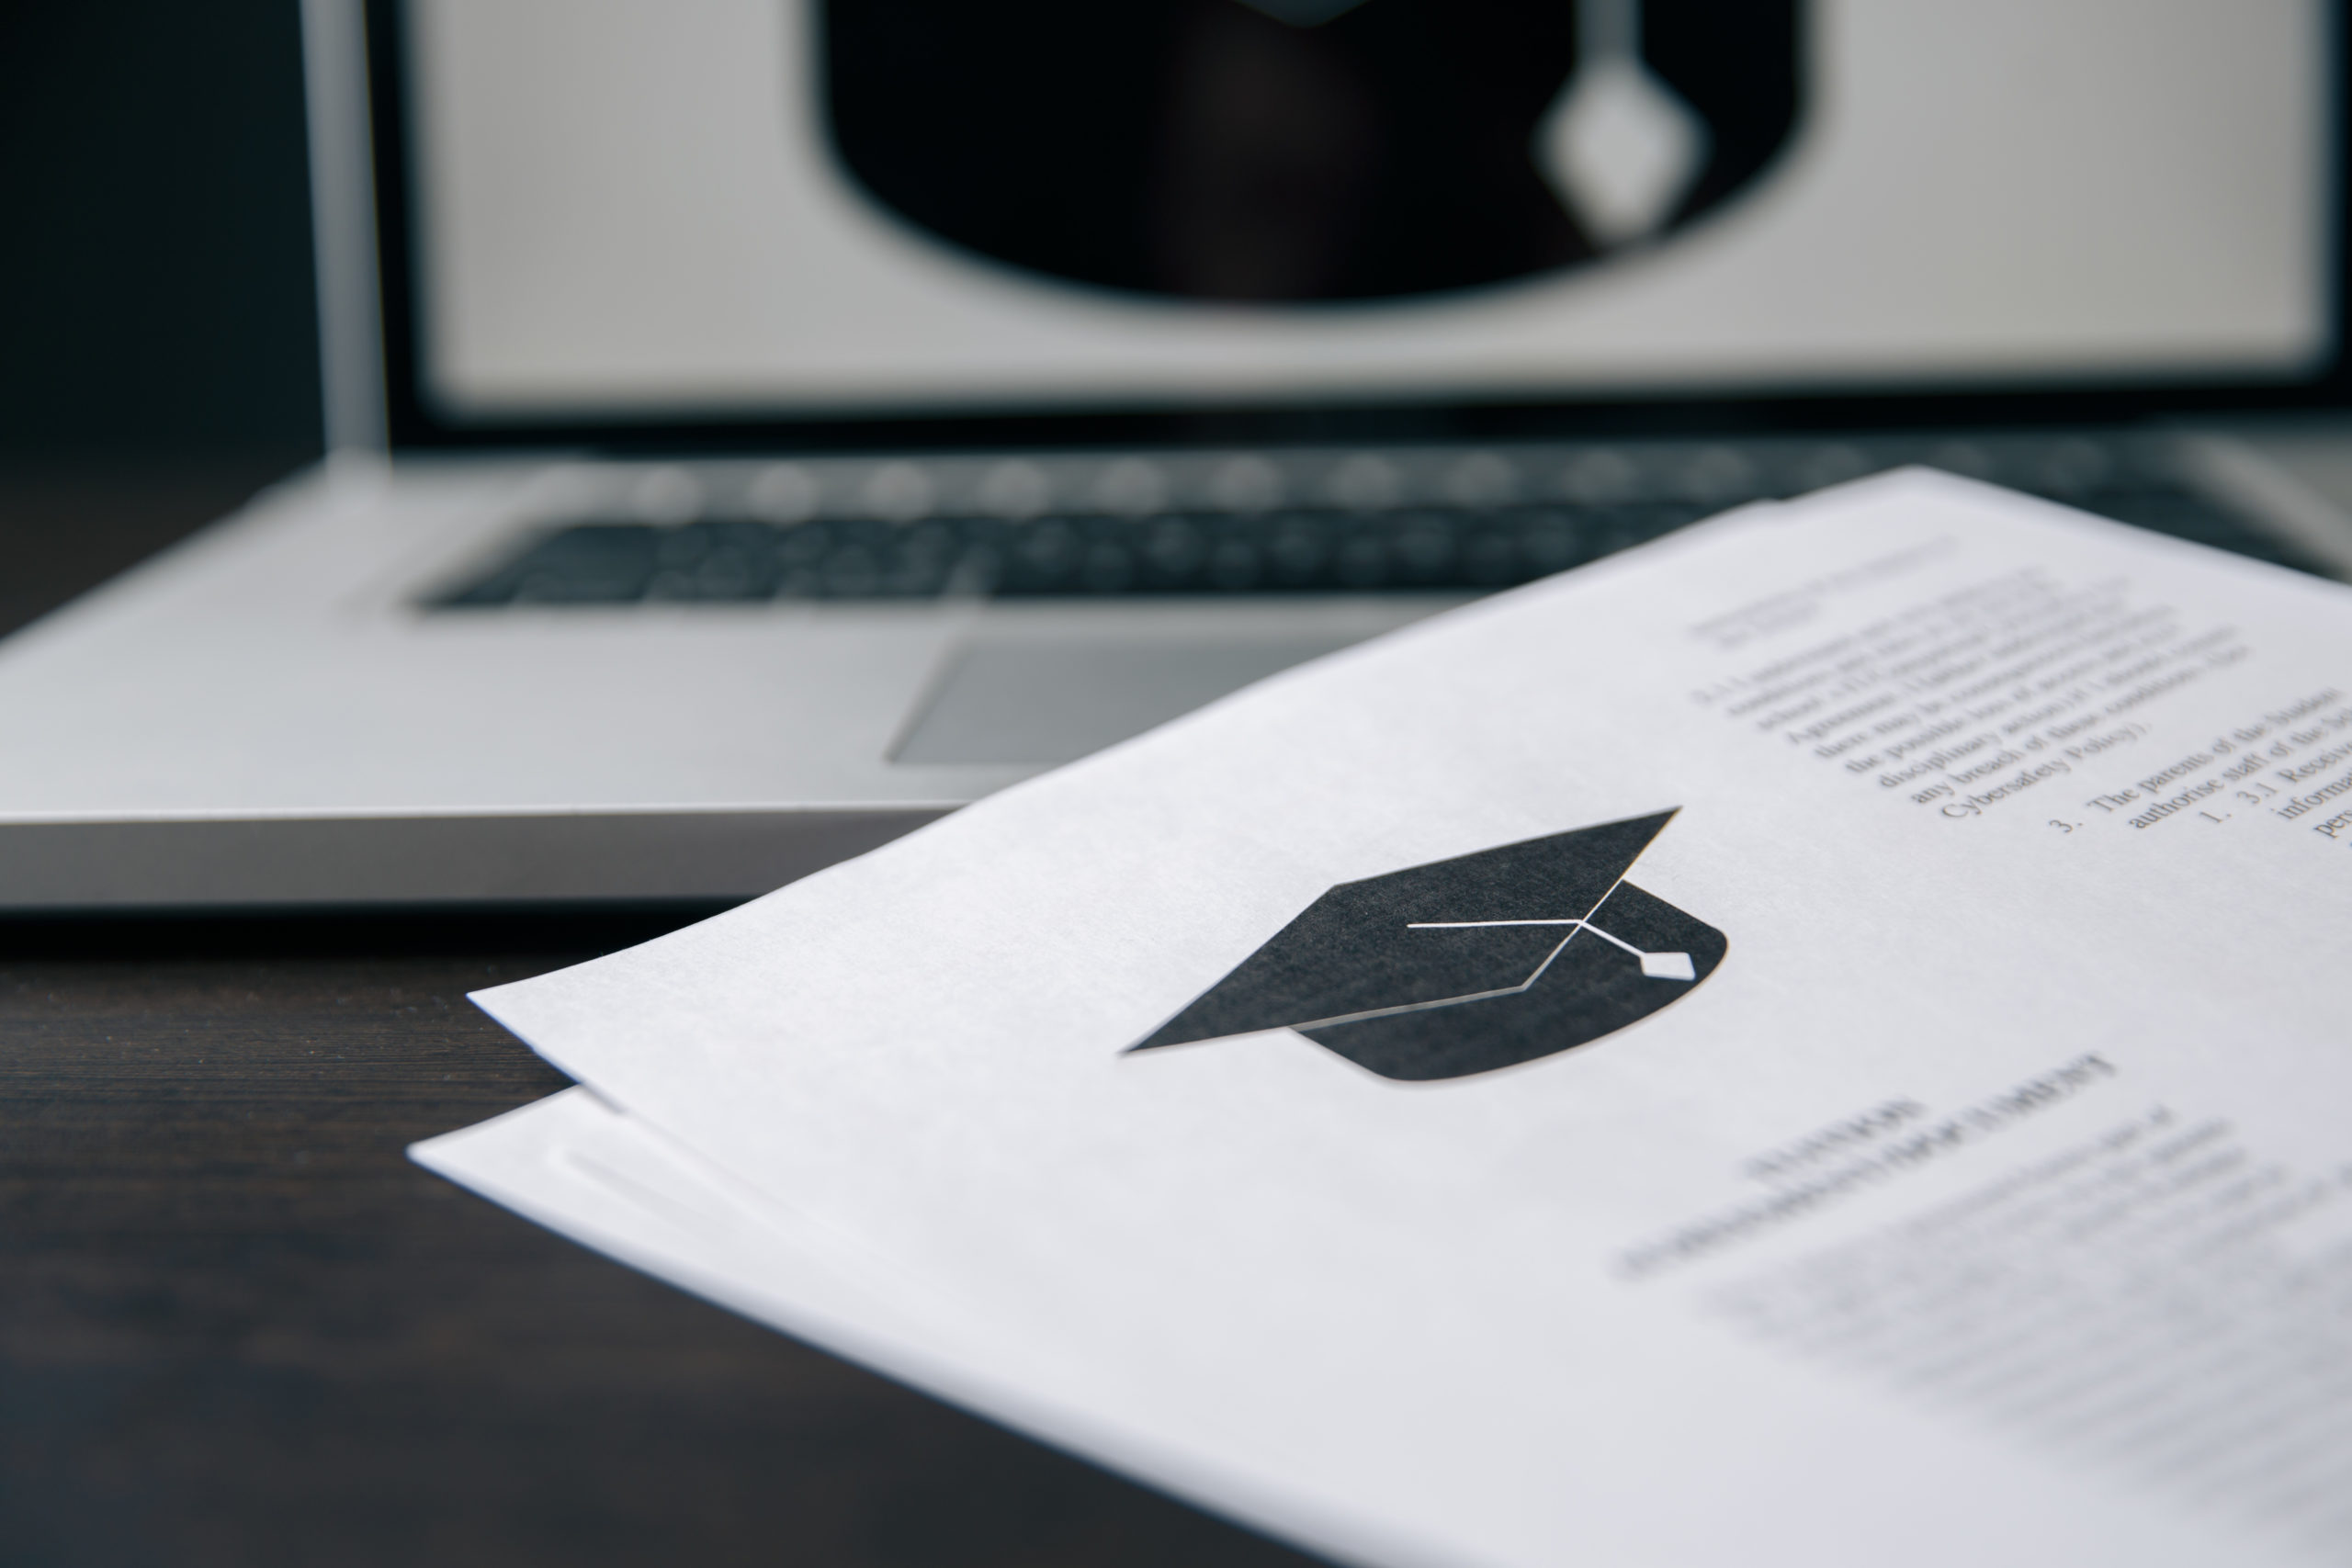 University application letter